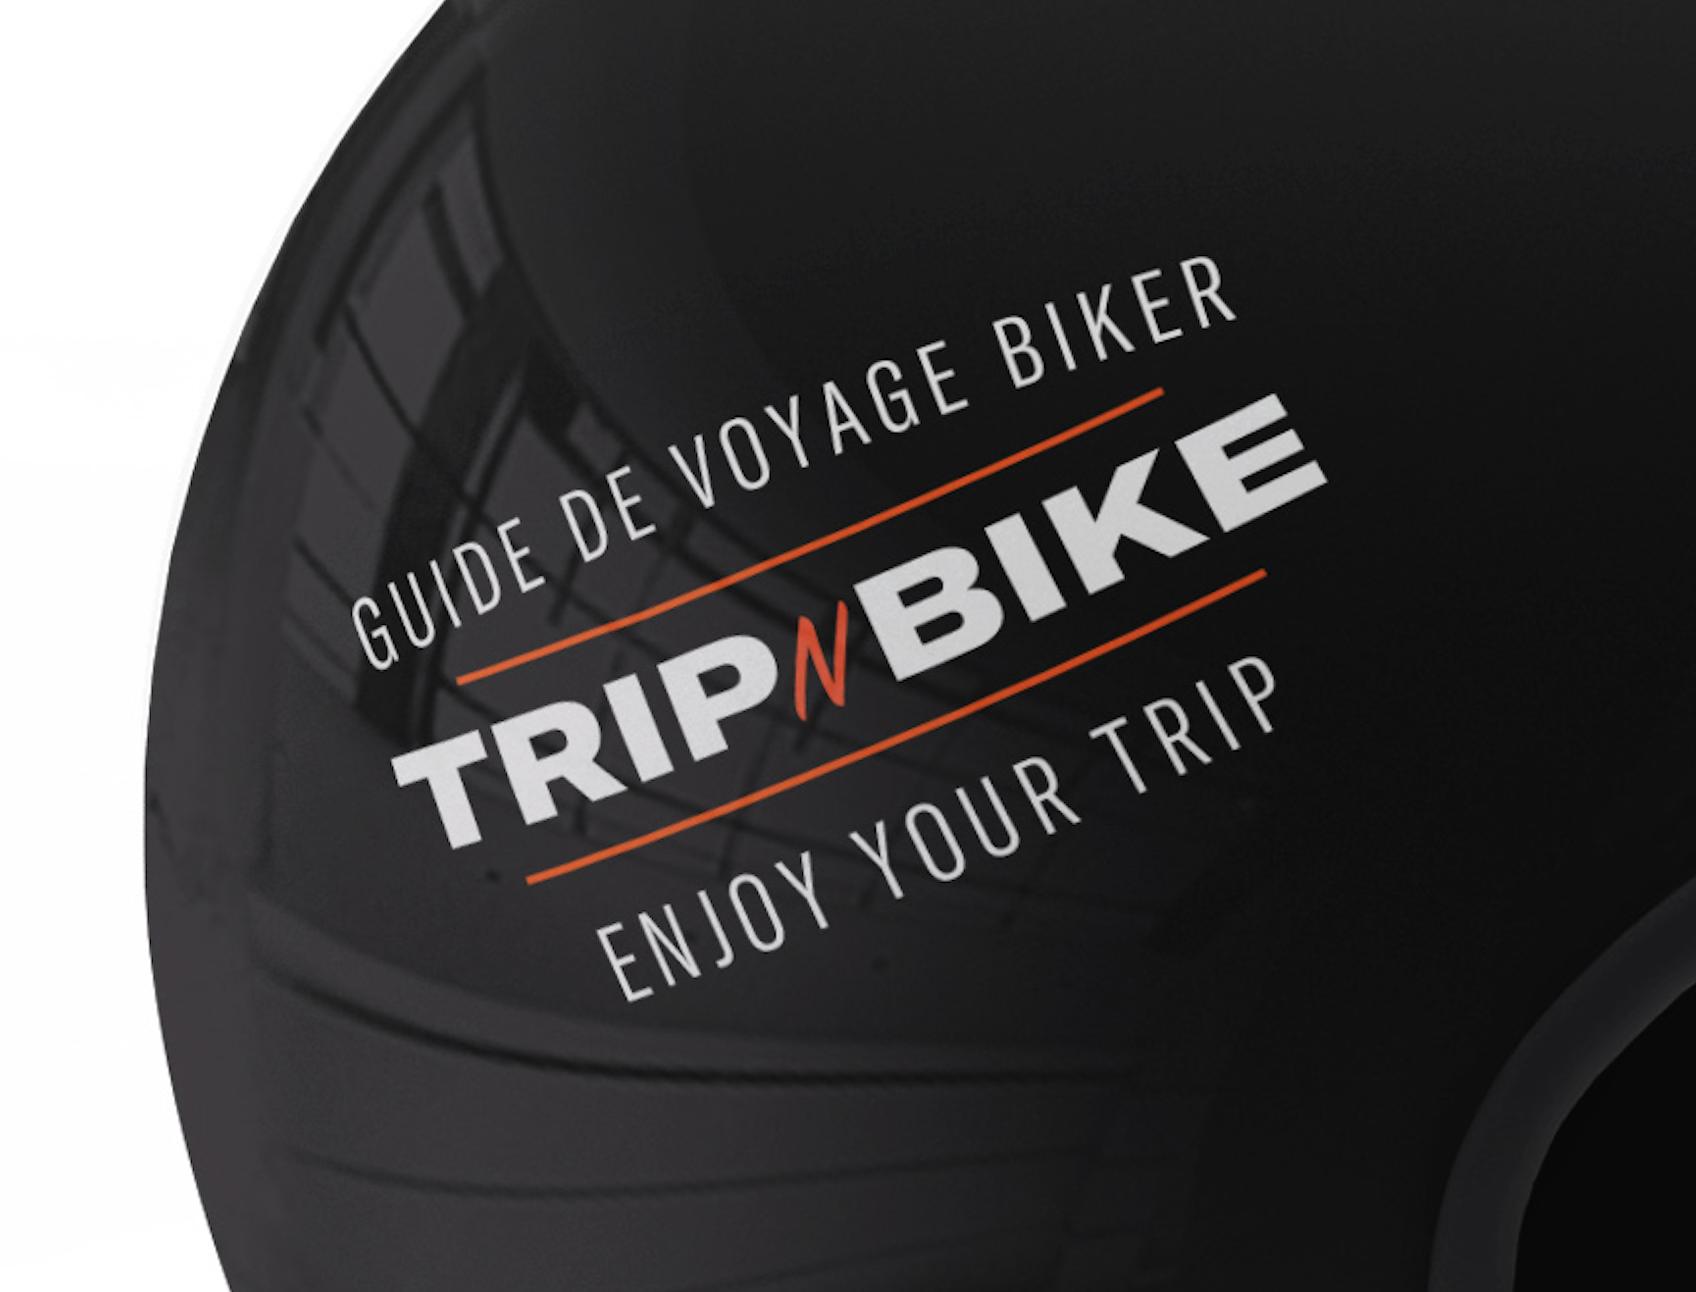 Trip N Bike